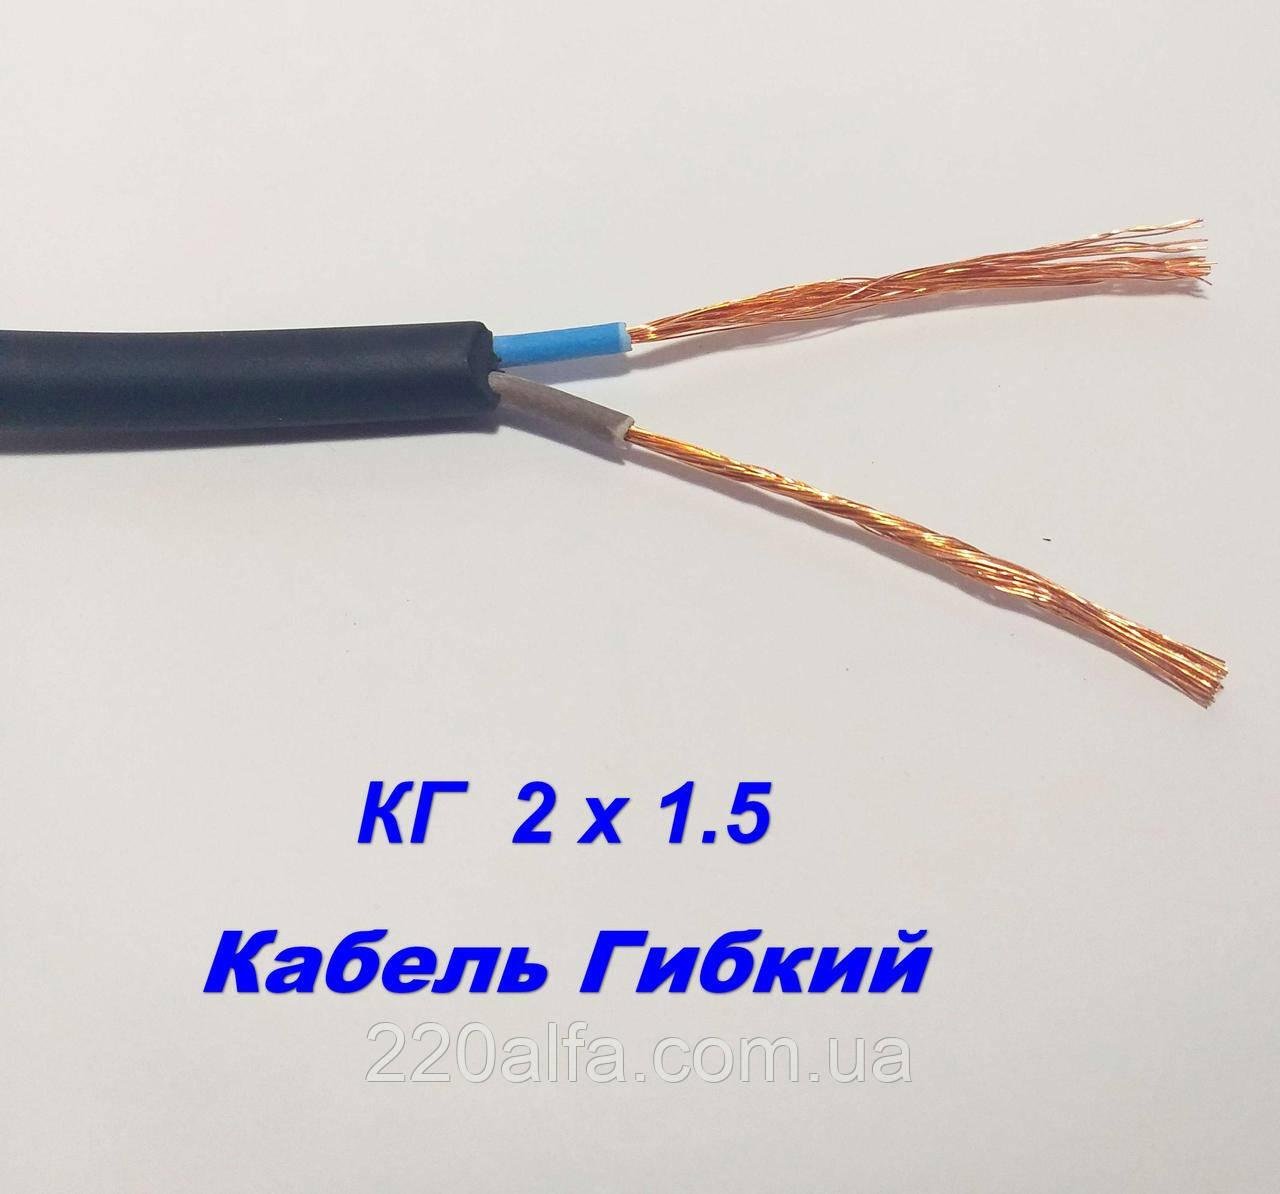 Медный кабель гибкий в резине КГ 2х 1.5 полноценное сечение.